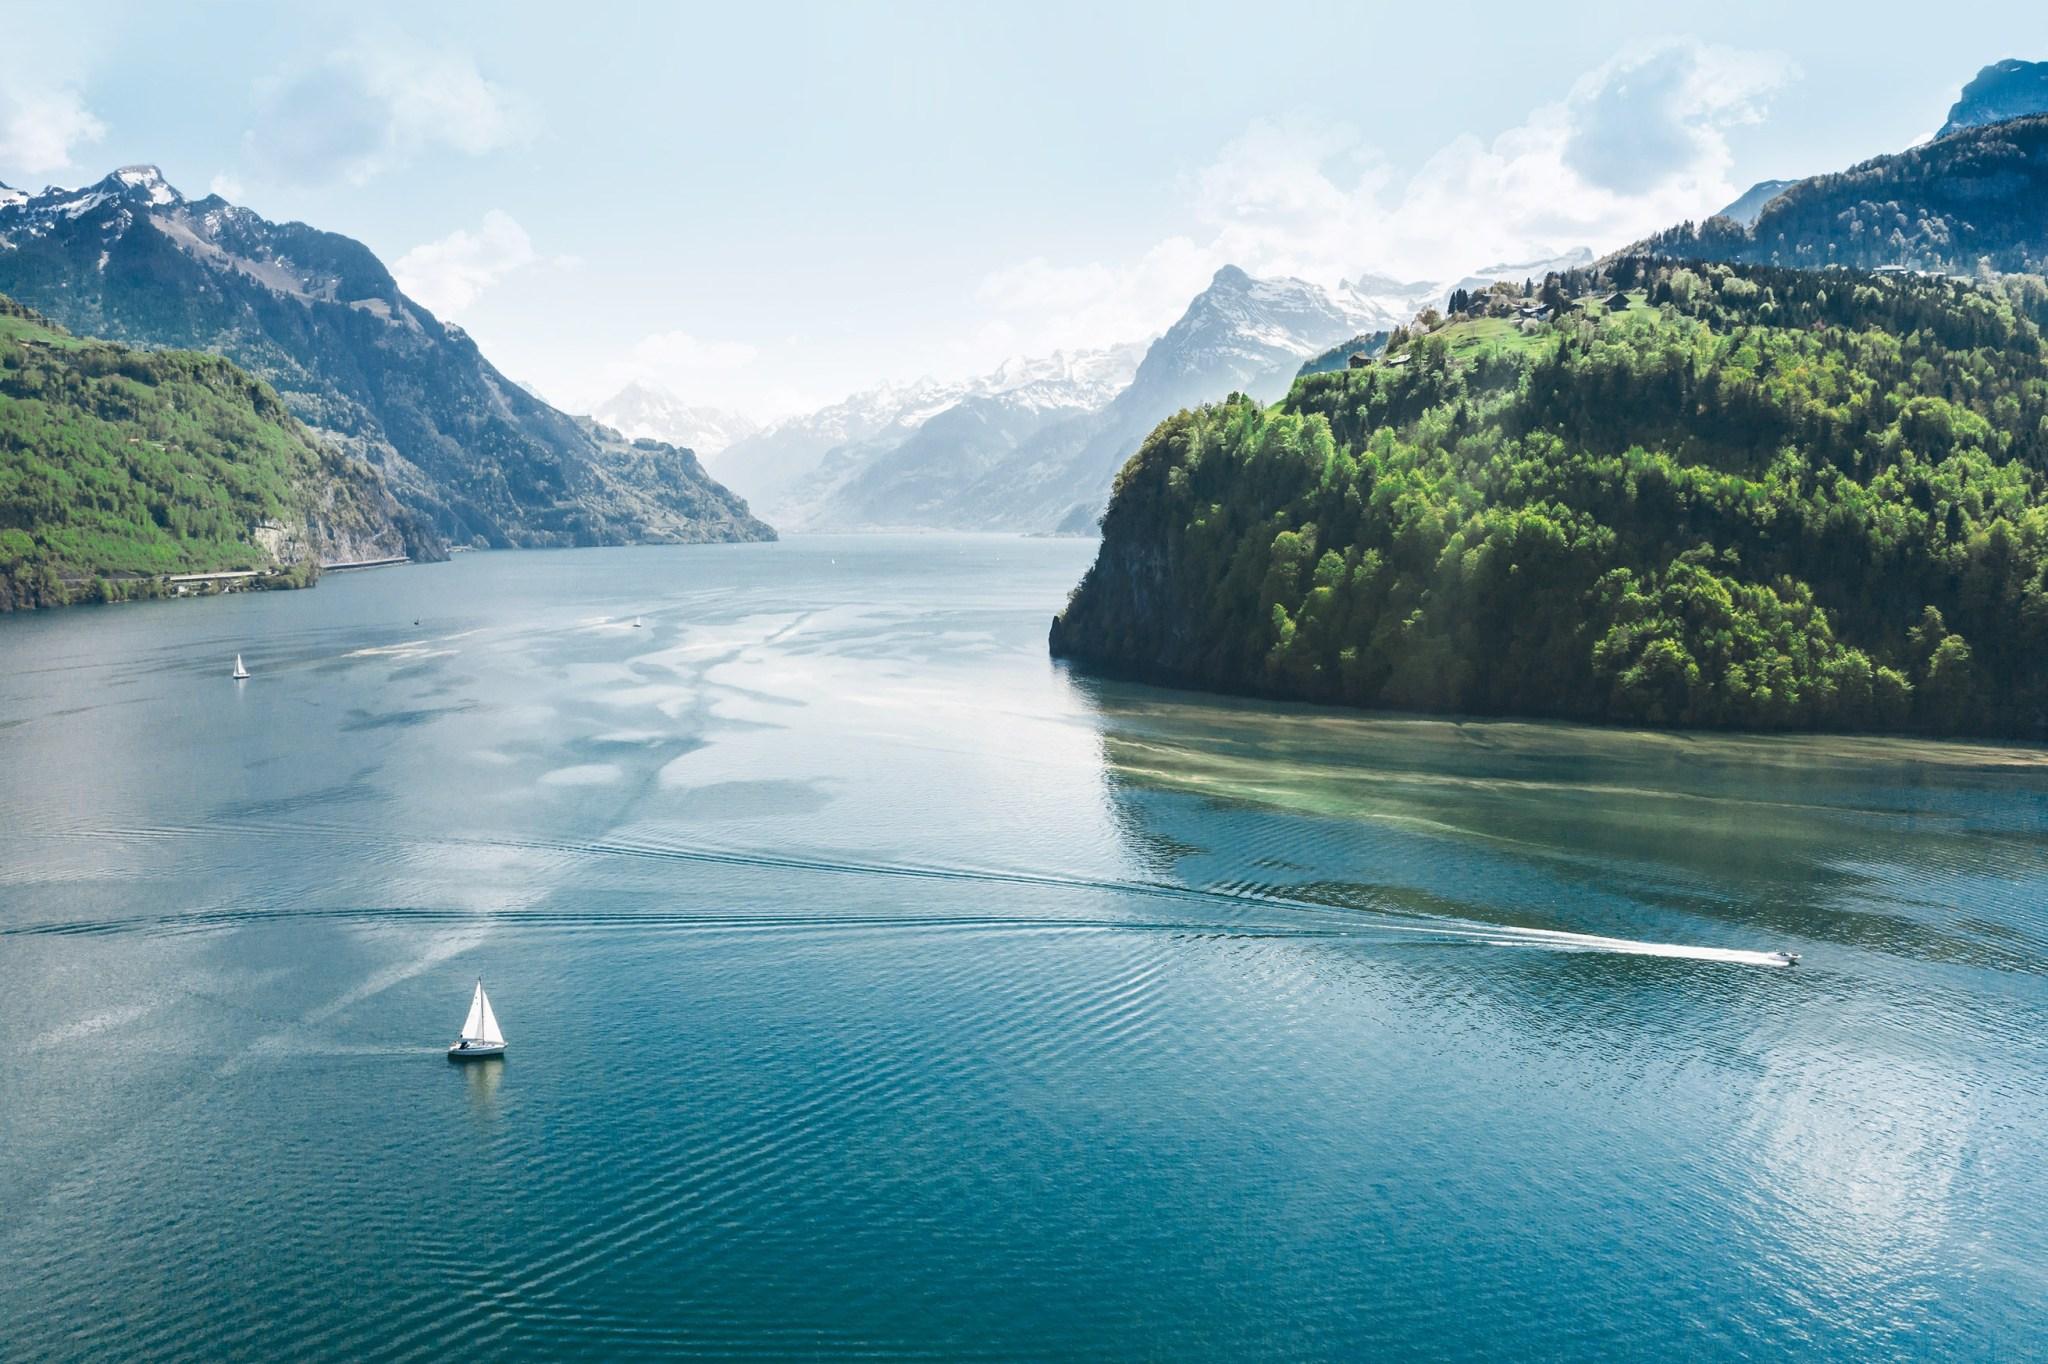 Vue du lac des Quatre-Cantons avec les montagnes de Suisse centrale